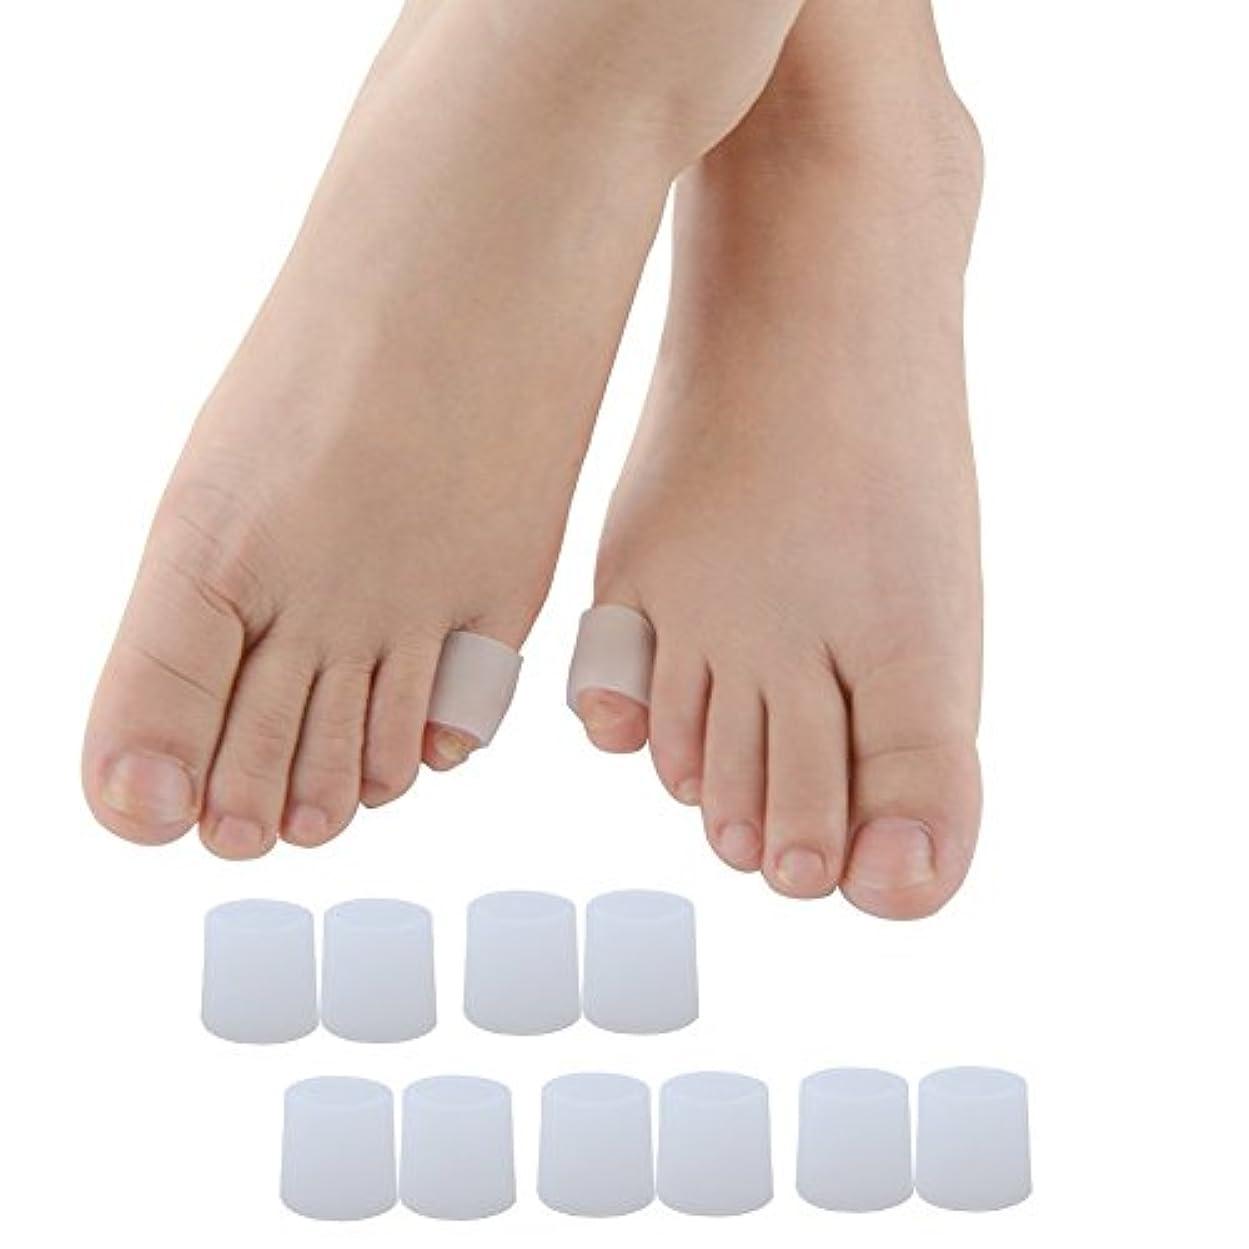 にじみ出る上へPovihome 足指 足爪 保護キャップ 小指 5ペア,足の小指保護, 白い 足 指 キャップ